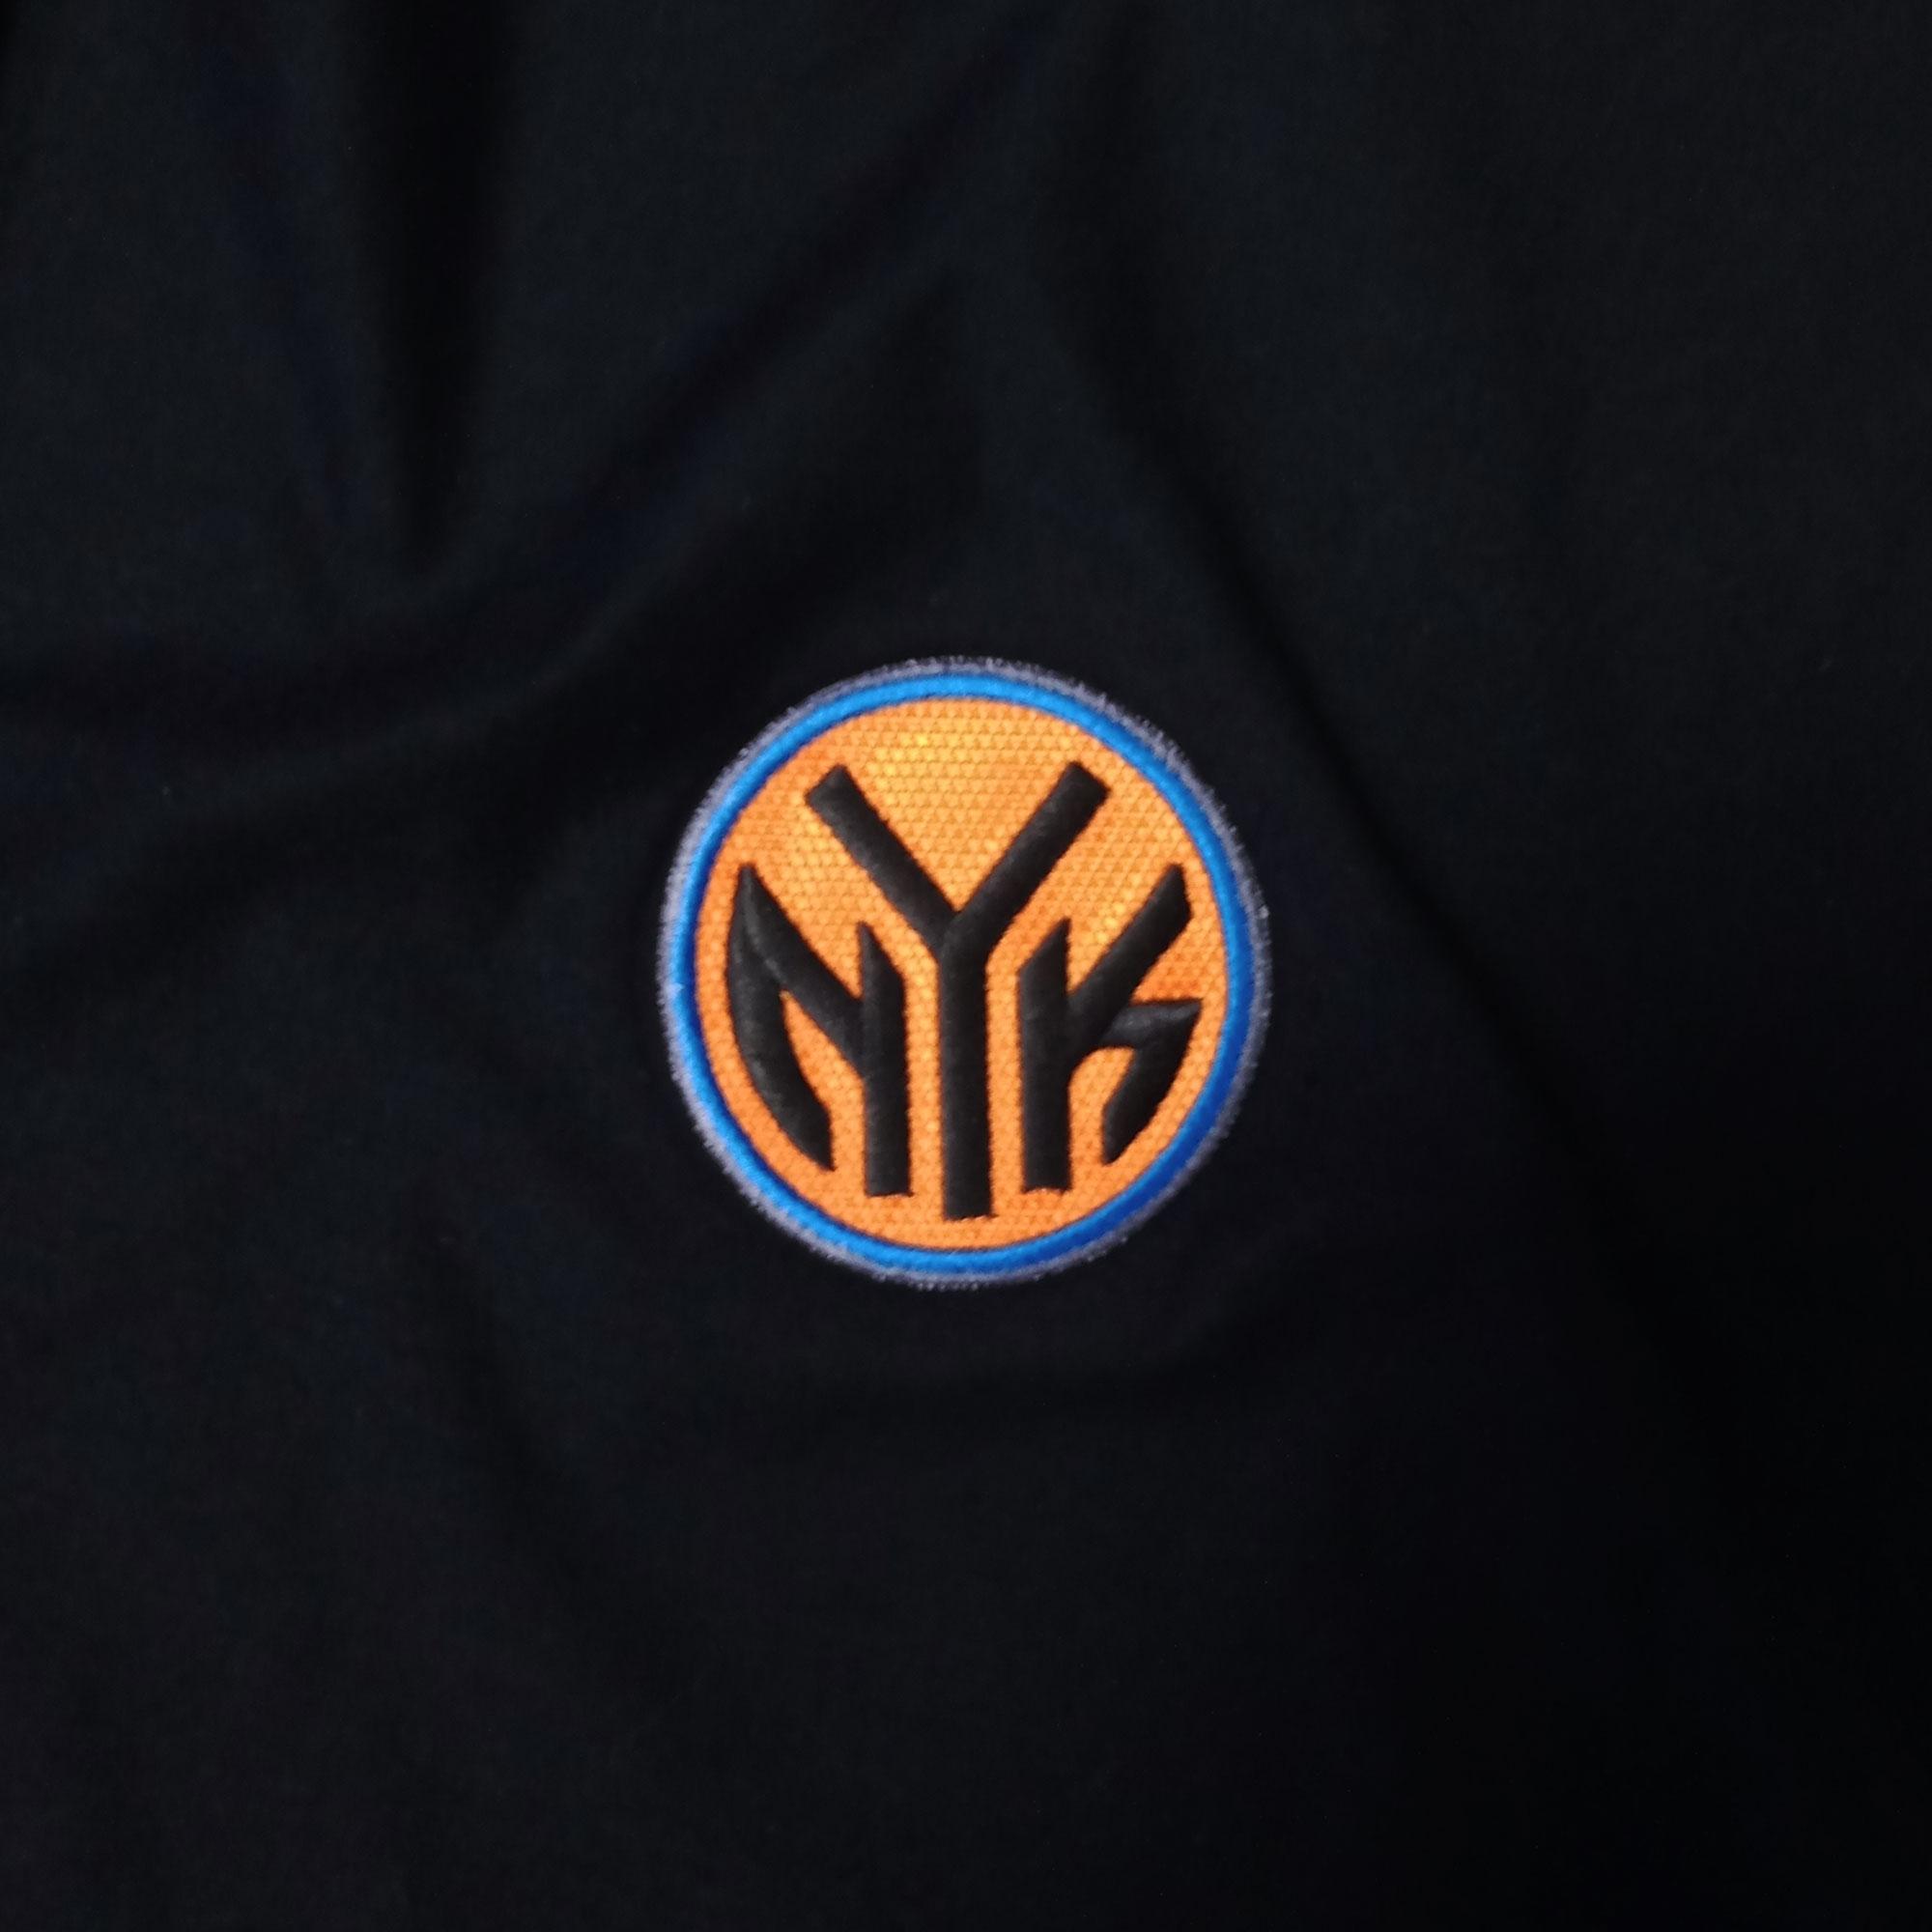 New York Knicks Basic (Örme)  (BSC-BLC-EMBR-NY.KNICKS)